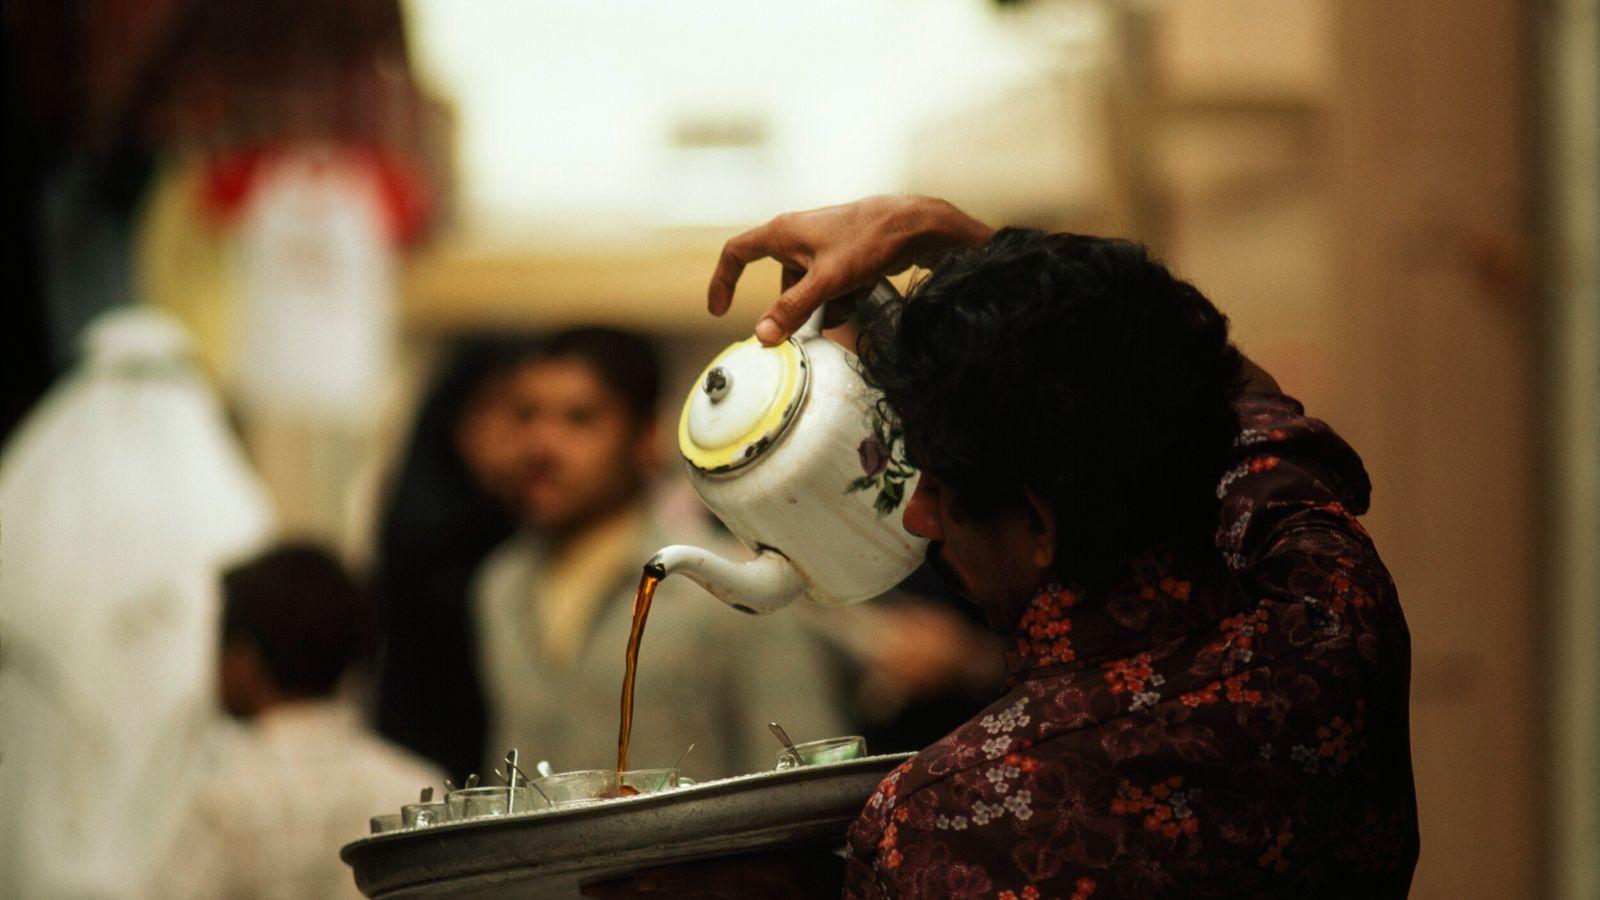 Foto de um garçom com roupa florida servindo chá a um cliente